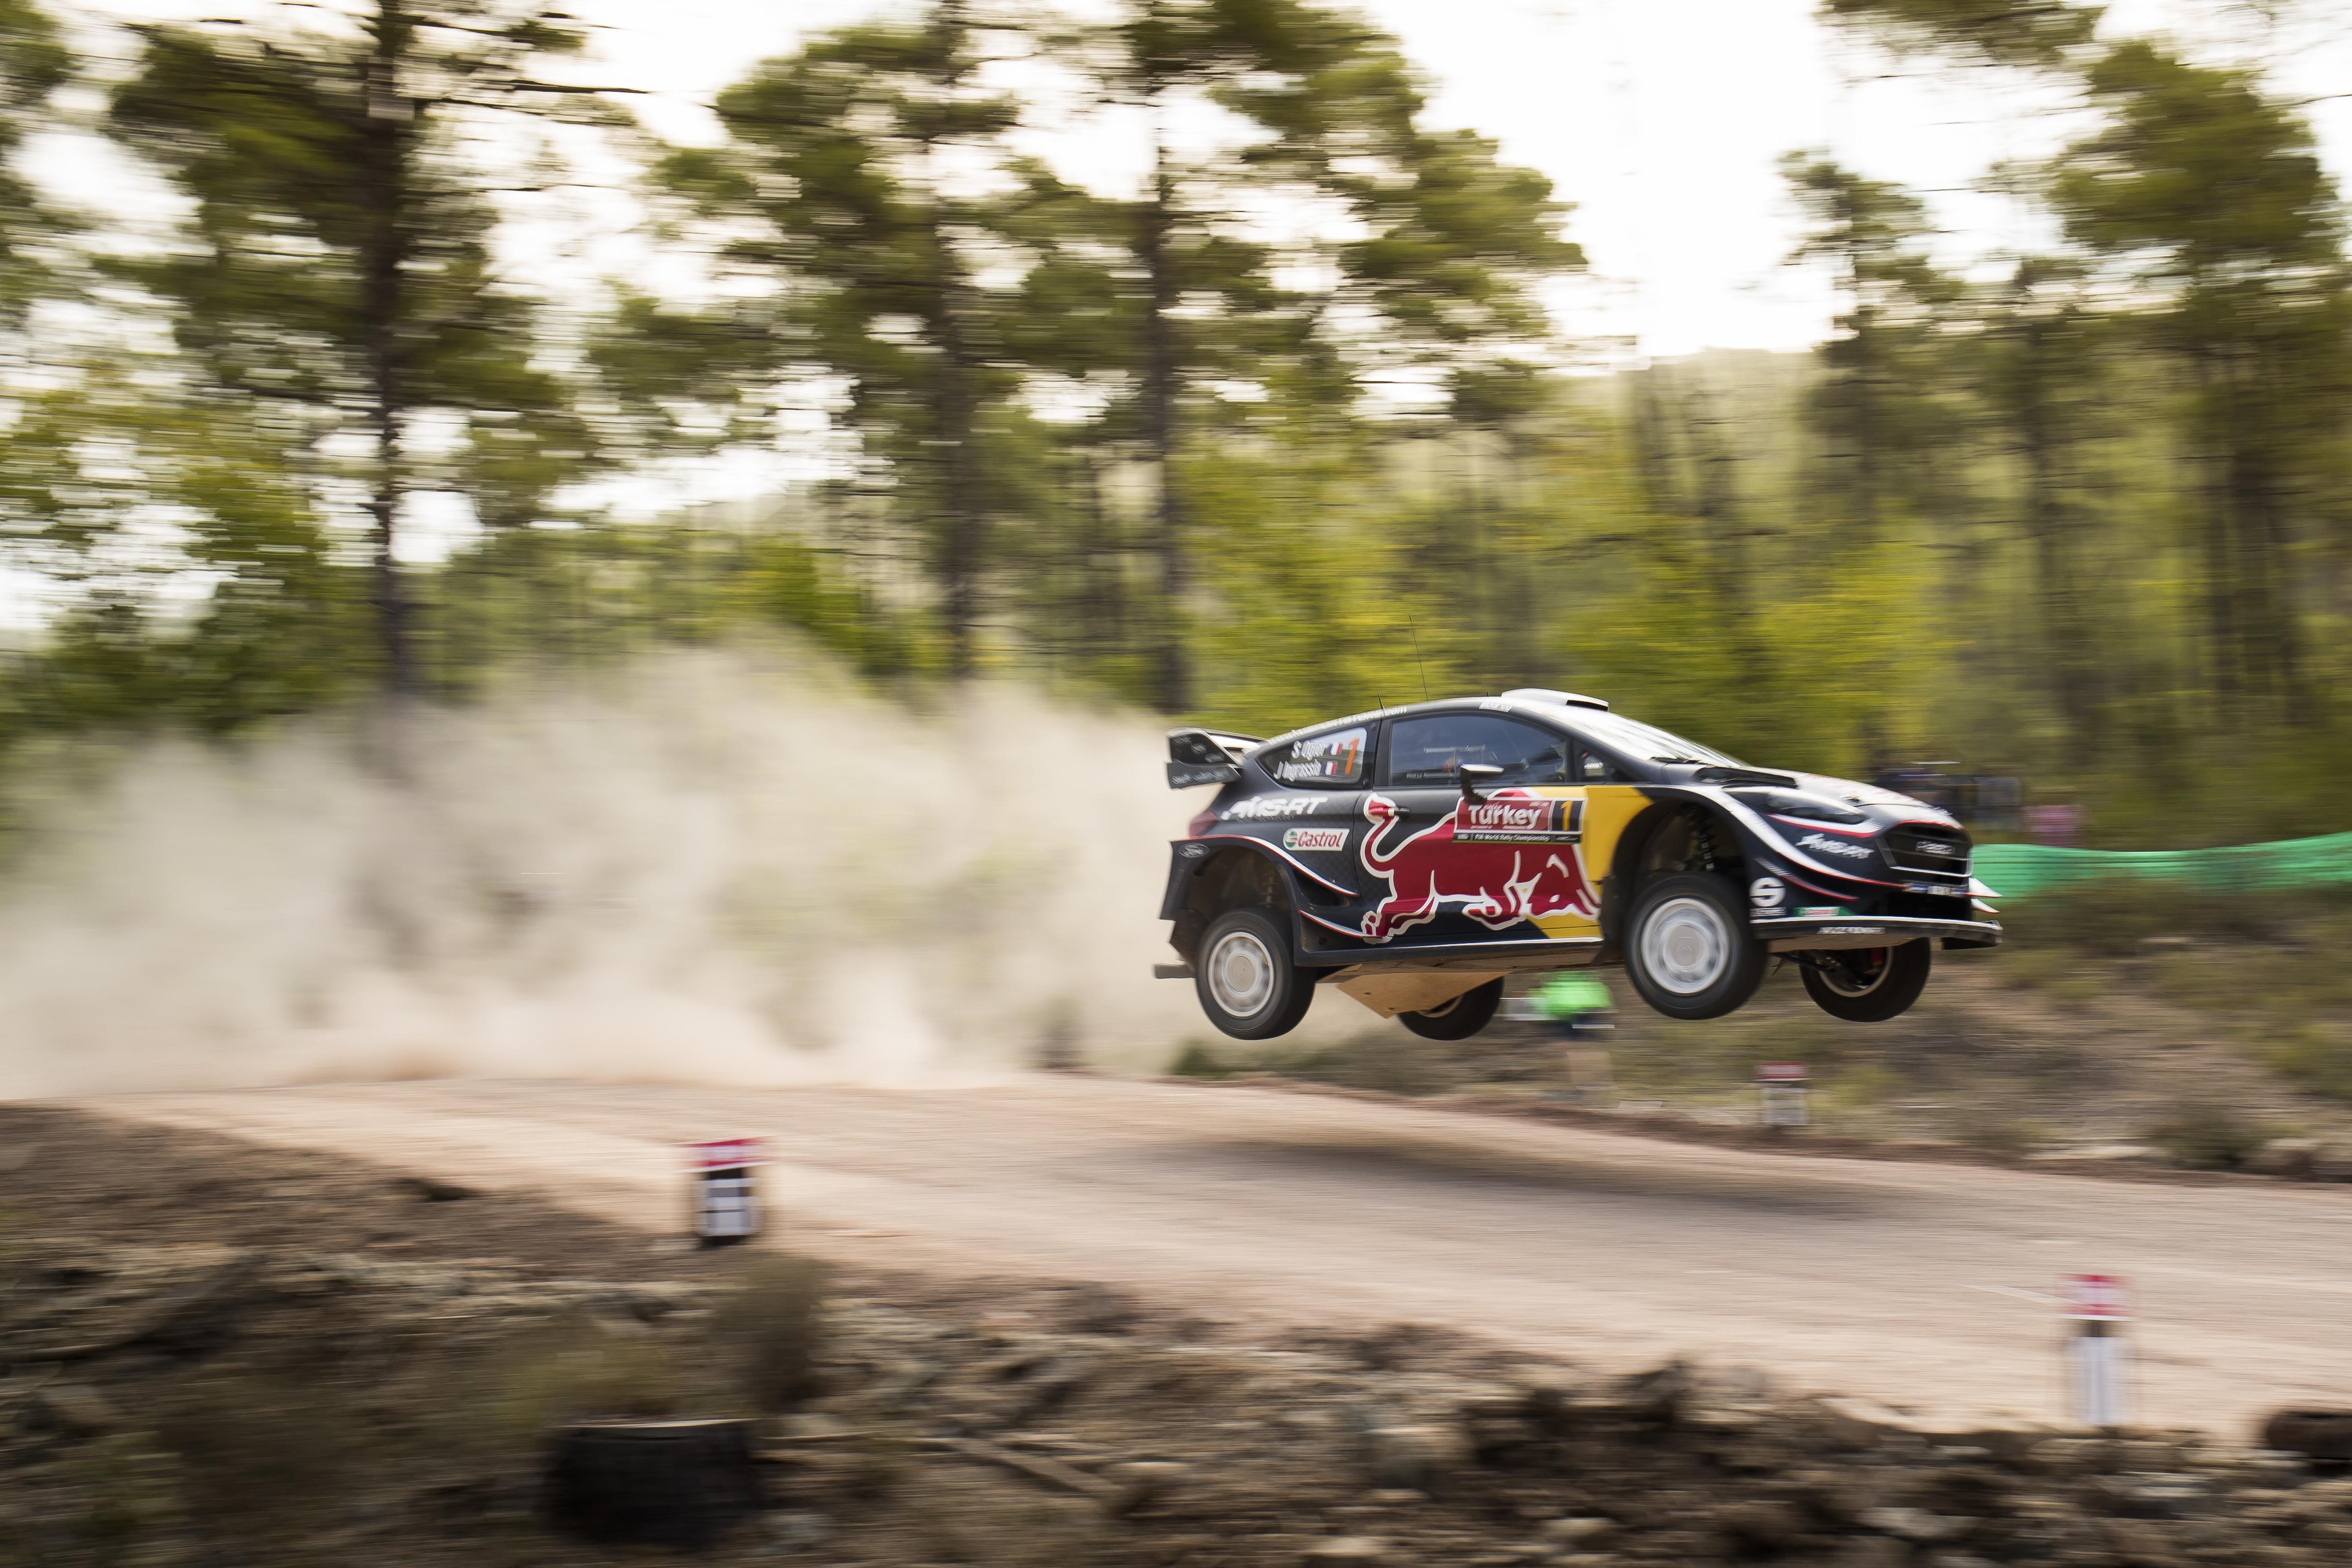 2019 Fia World Rally Championship Launching At Autosport